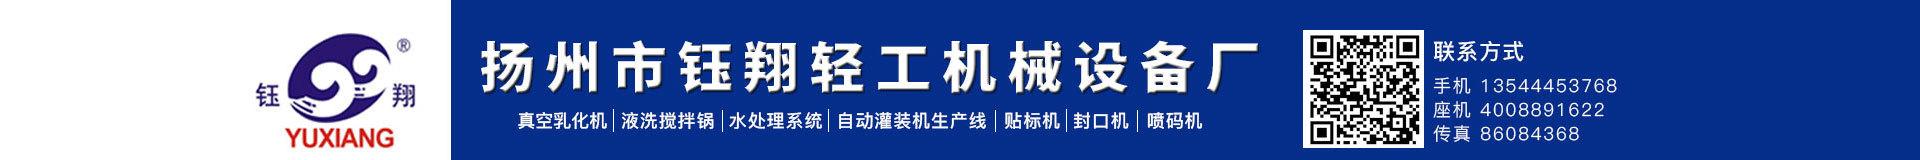 扬州市钰翔轻工机械设备厂